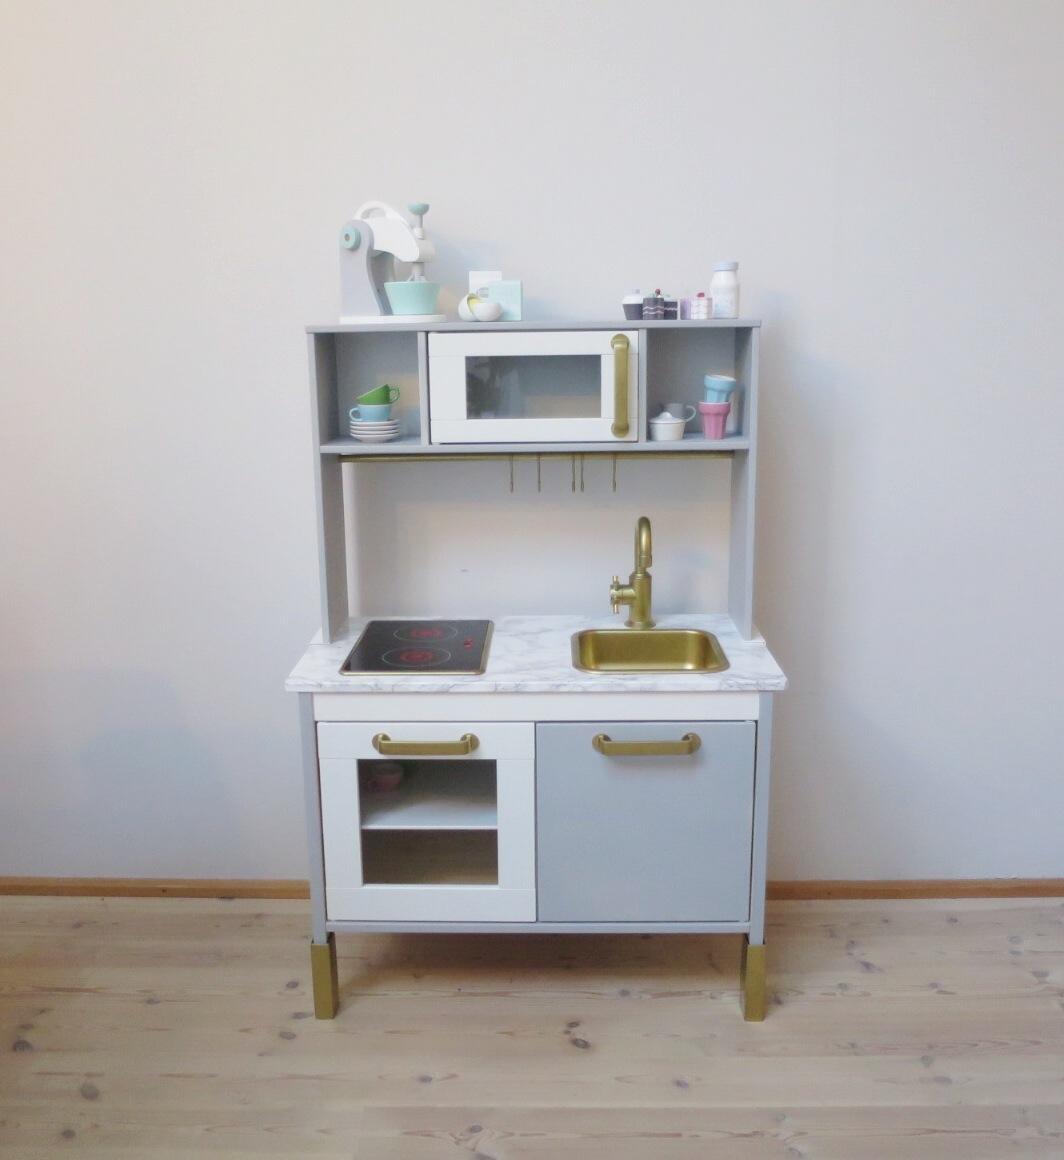 ikea duktig kakel till k k och badrum. Black Bedroom Furniture Sets. Home Design Ideas